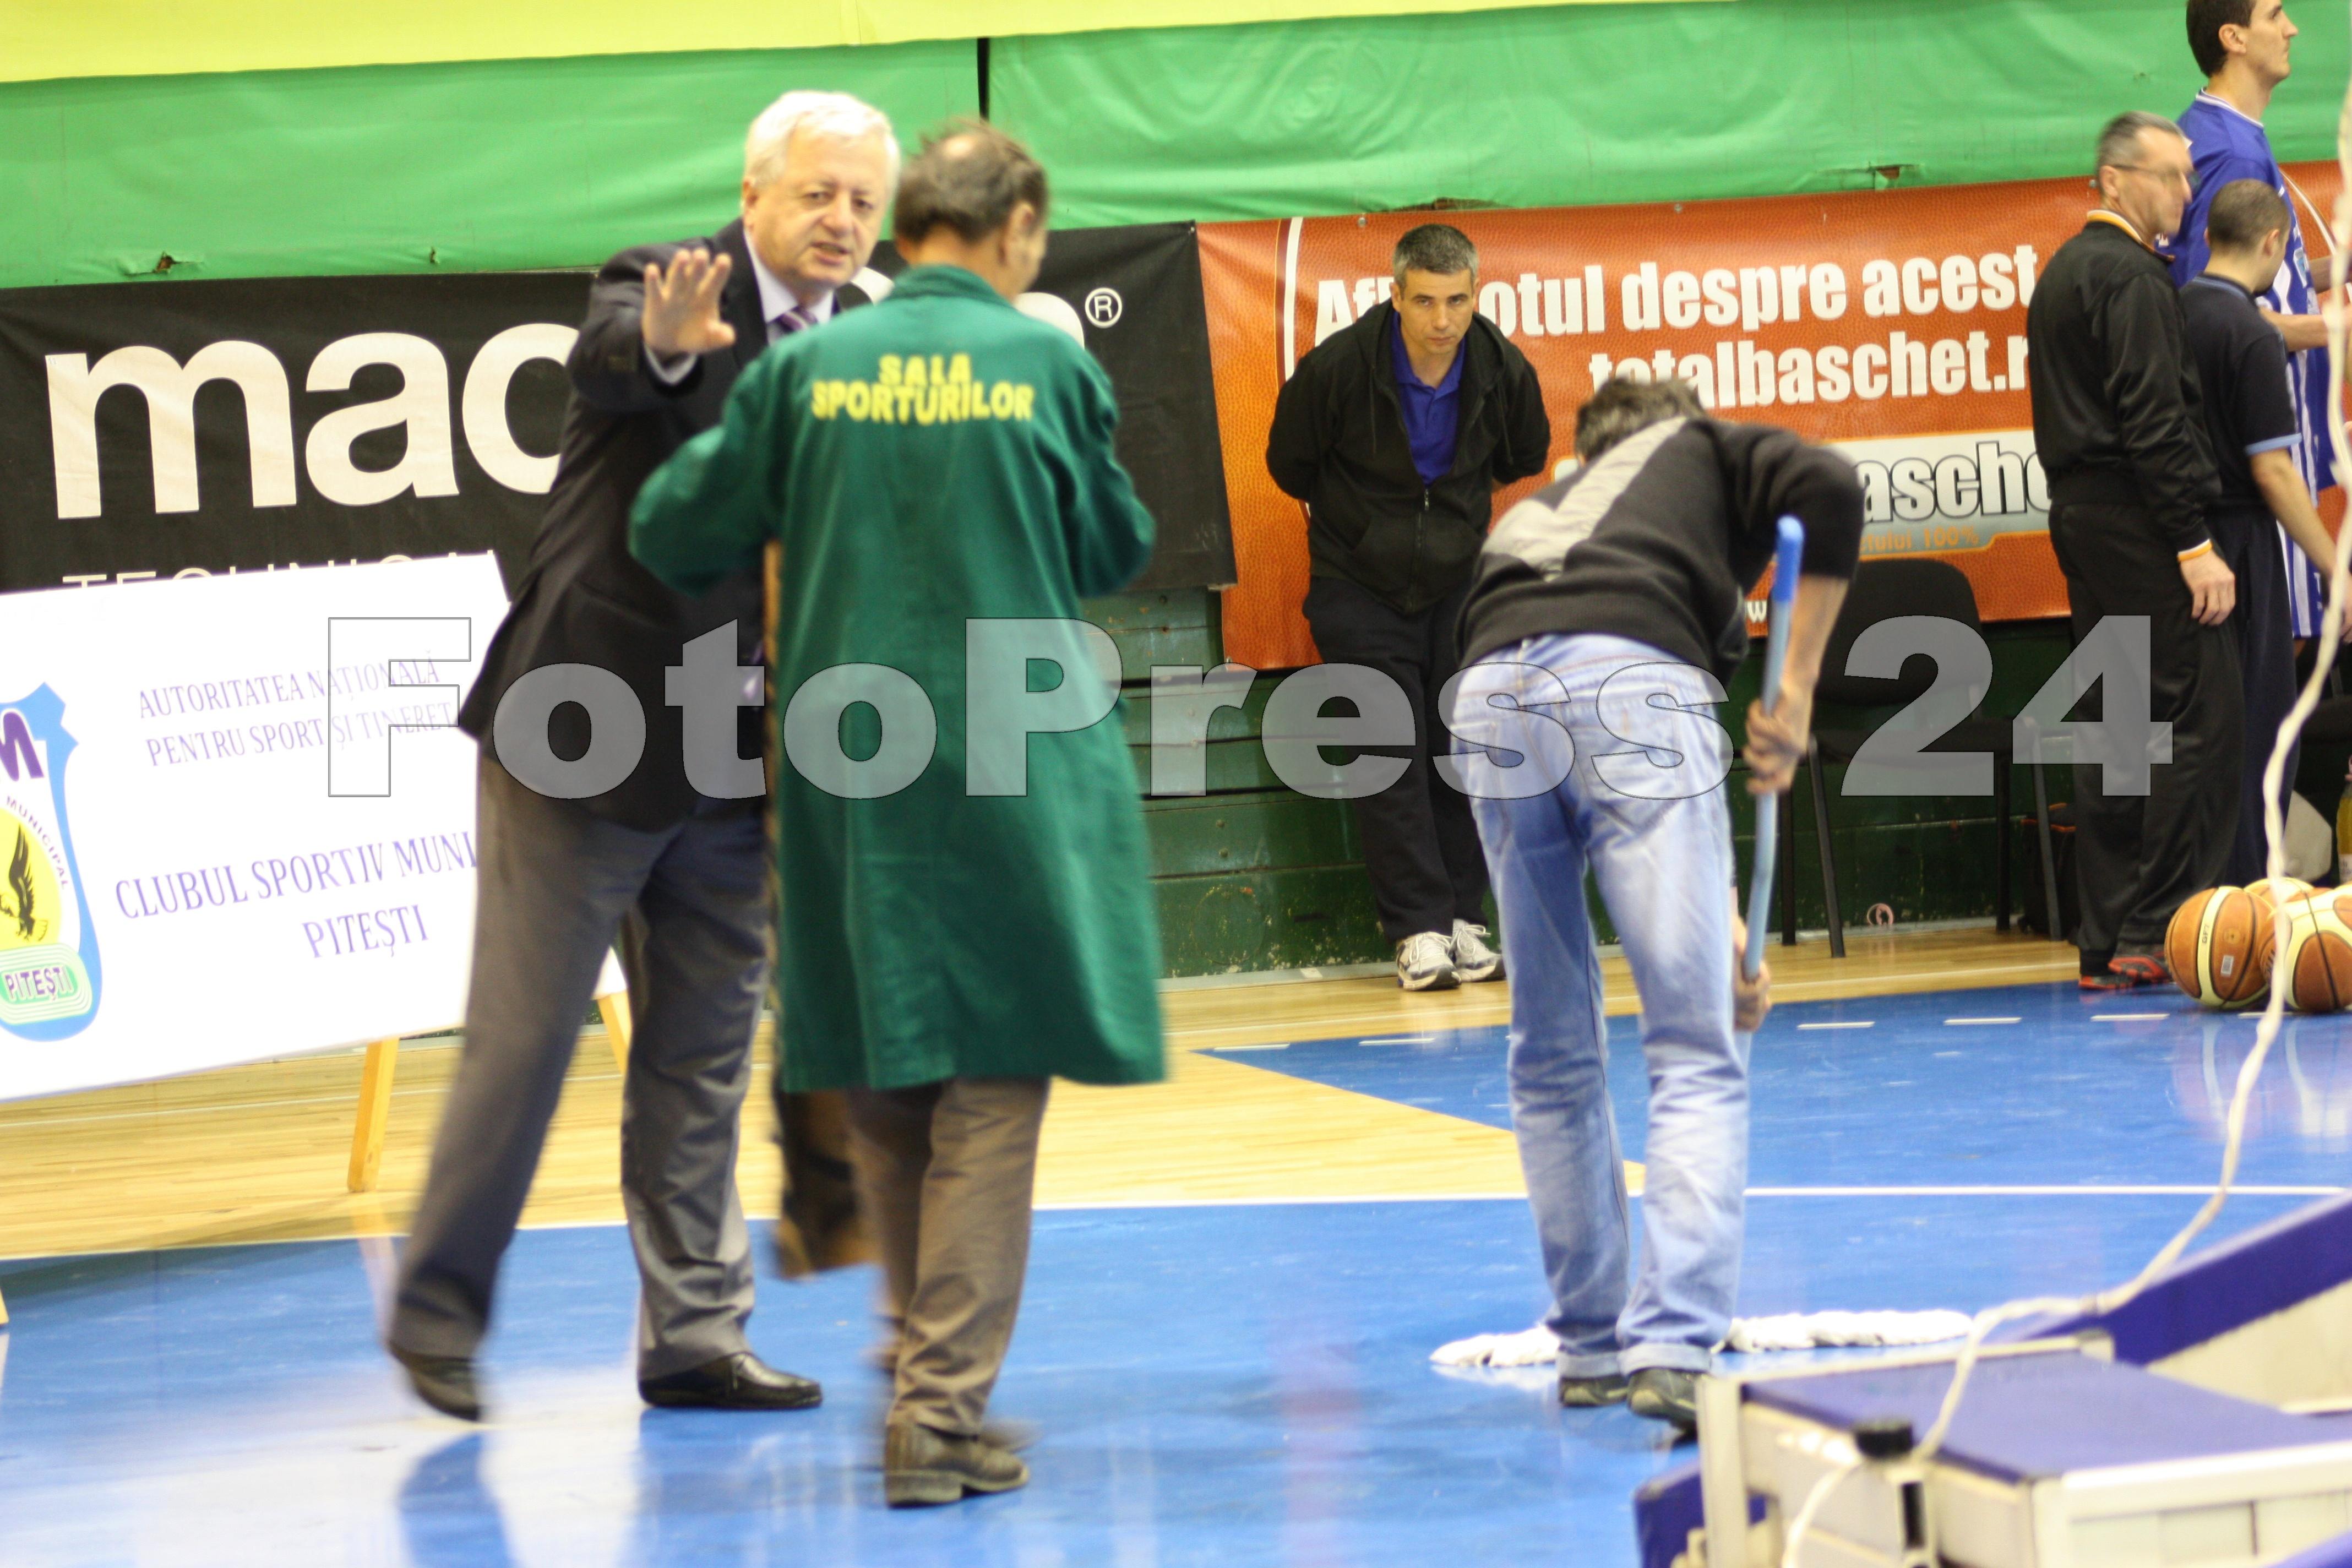 sala_sporturilor_fotopress24